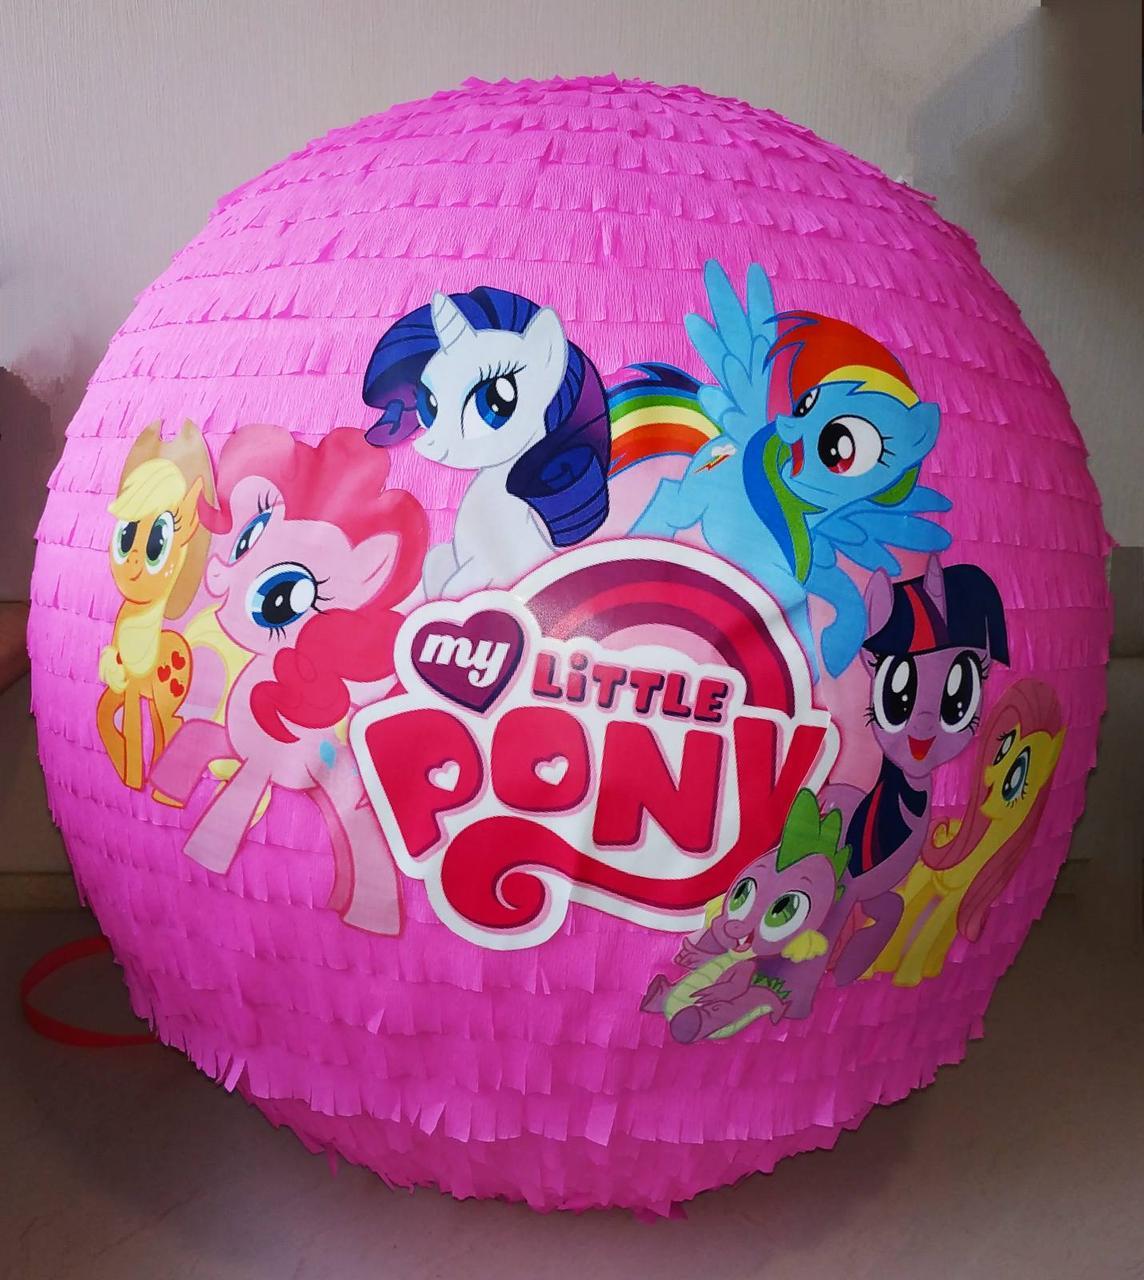 Пиньята - День рождение у ребенка  Моя Литл пони Пинки Пай  г. Одесса